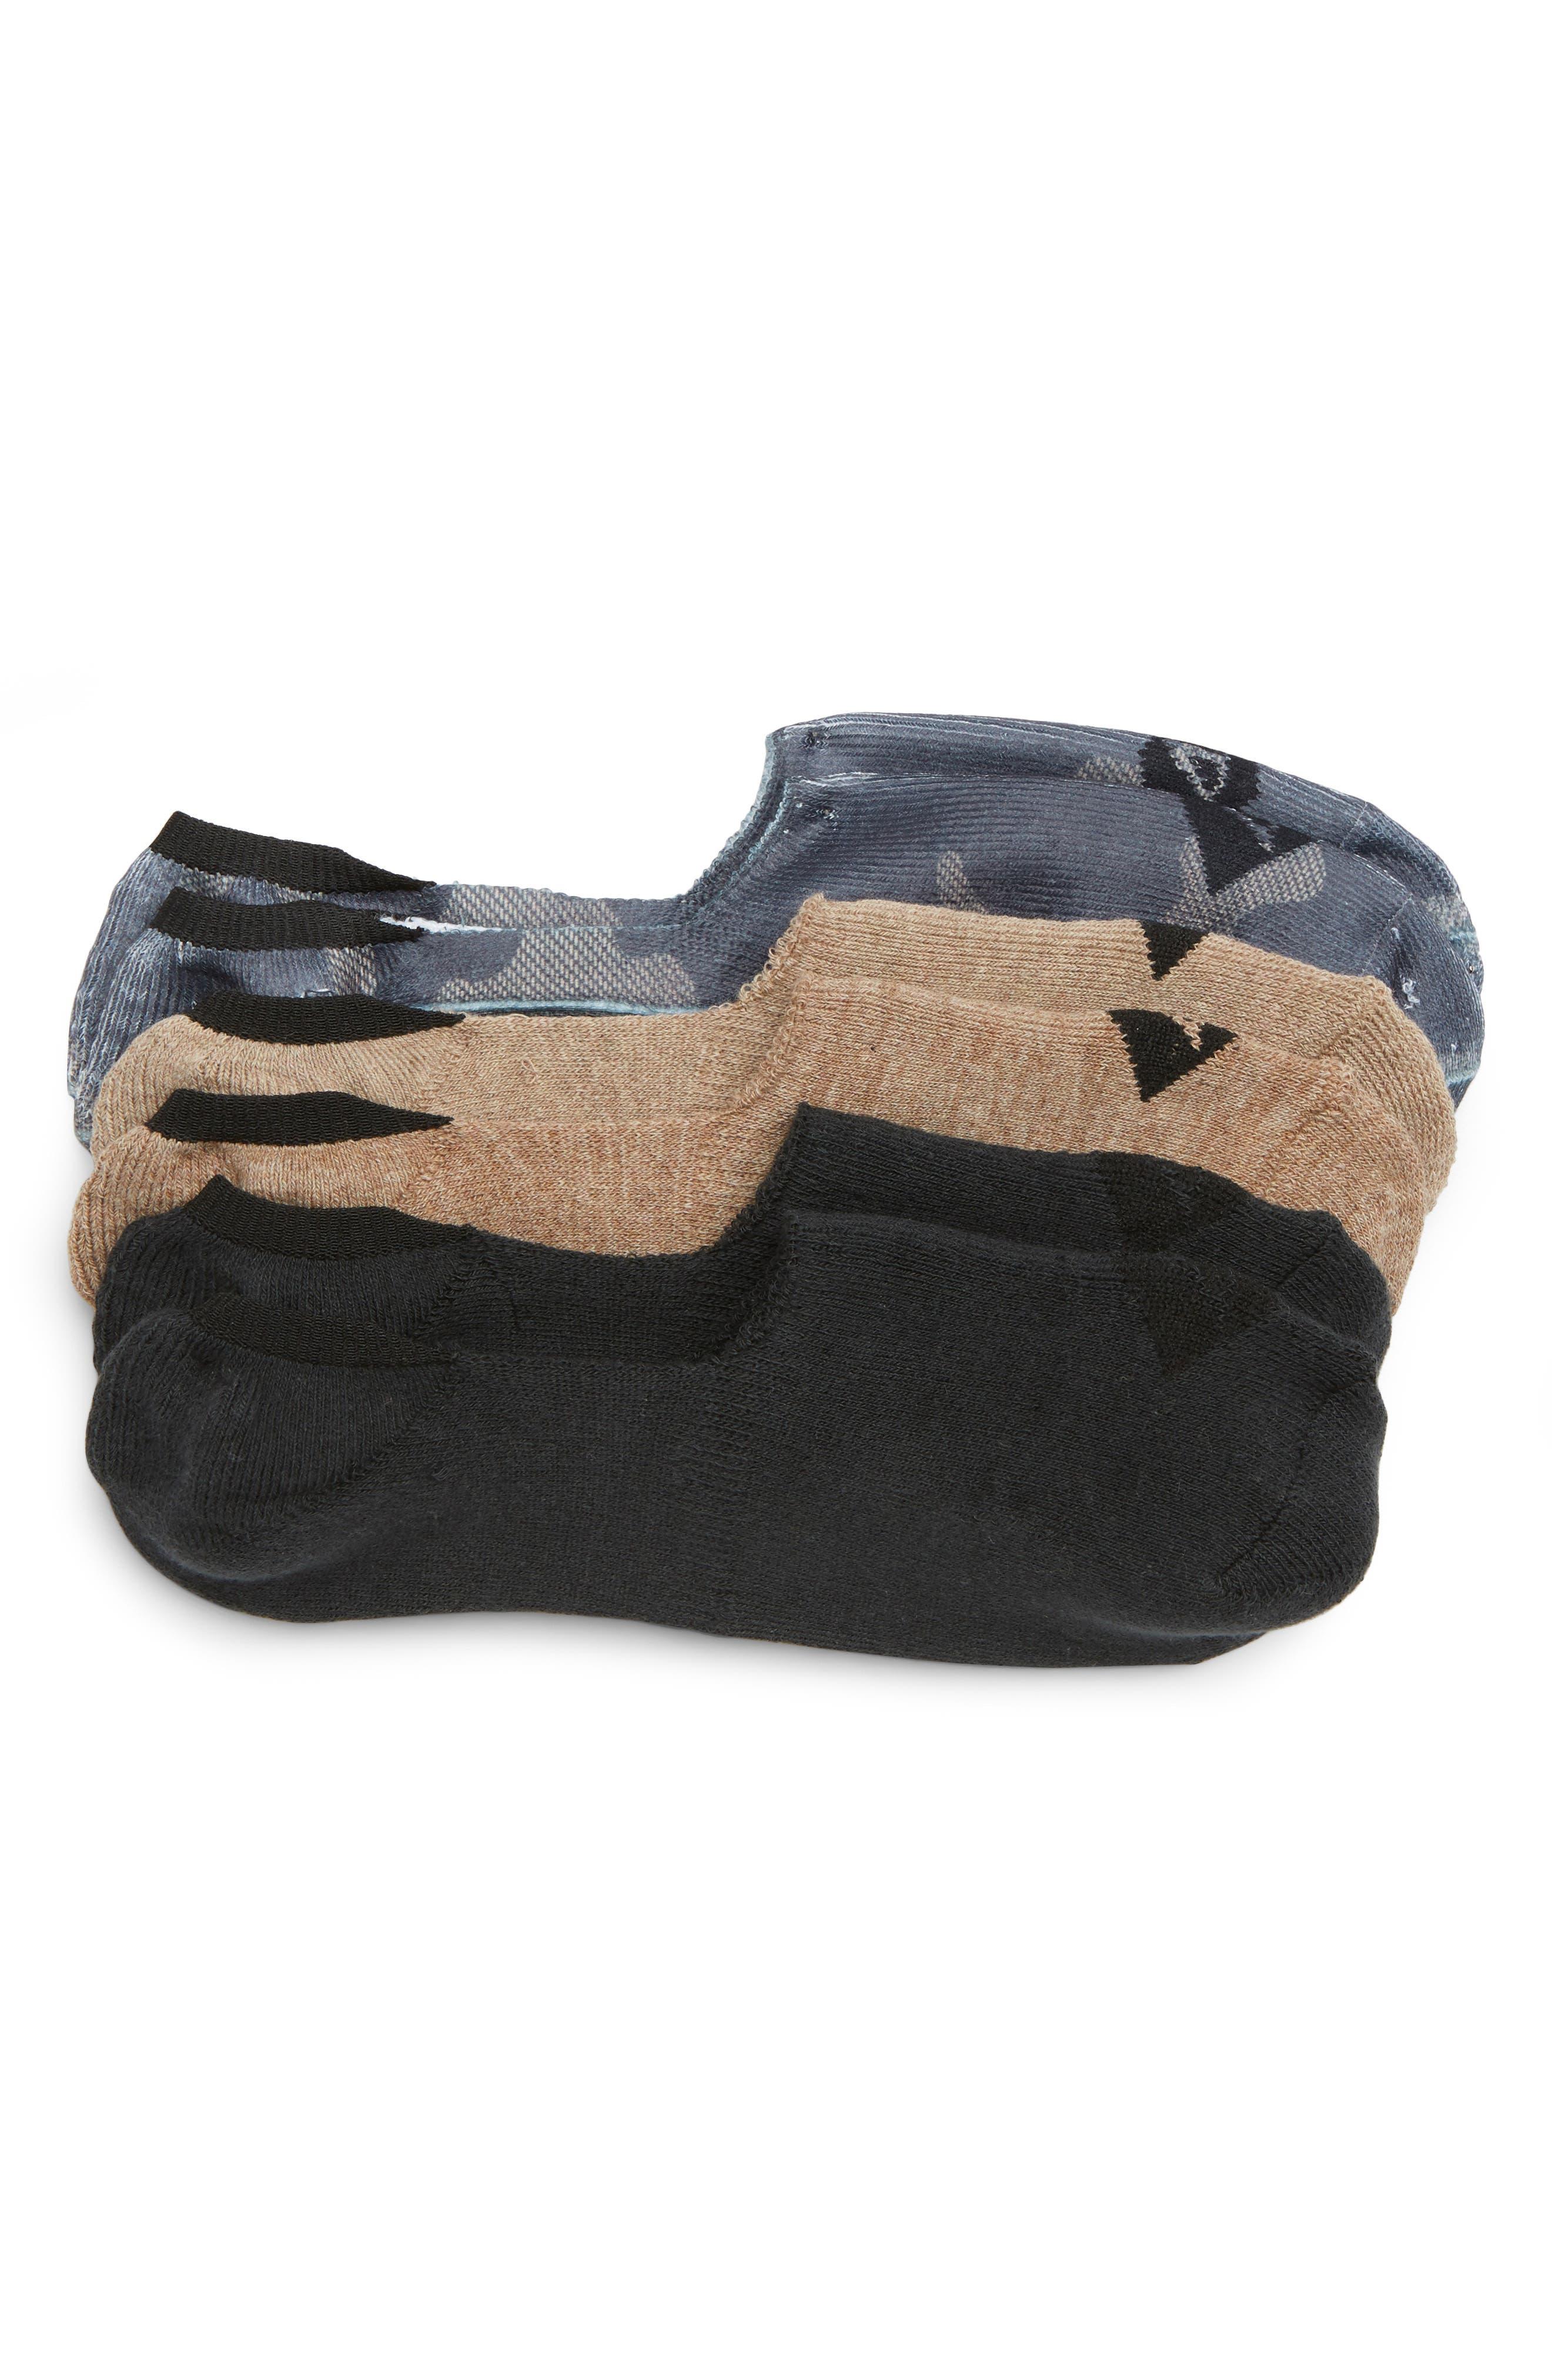 3-Pack Cushion Liner Socks,                             Main thumbnail 1, color,                             206